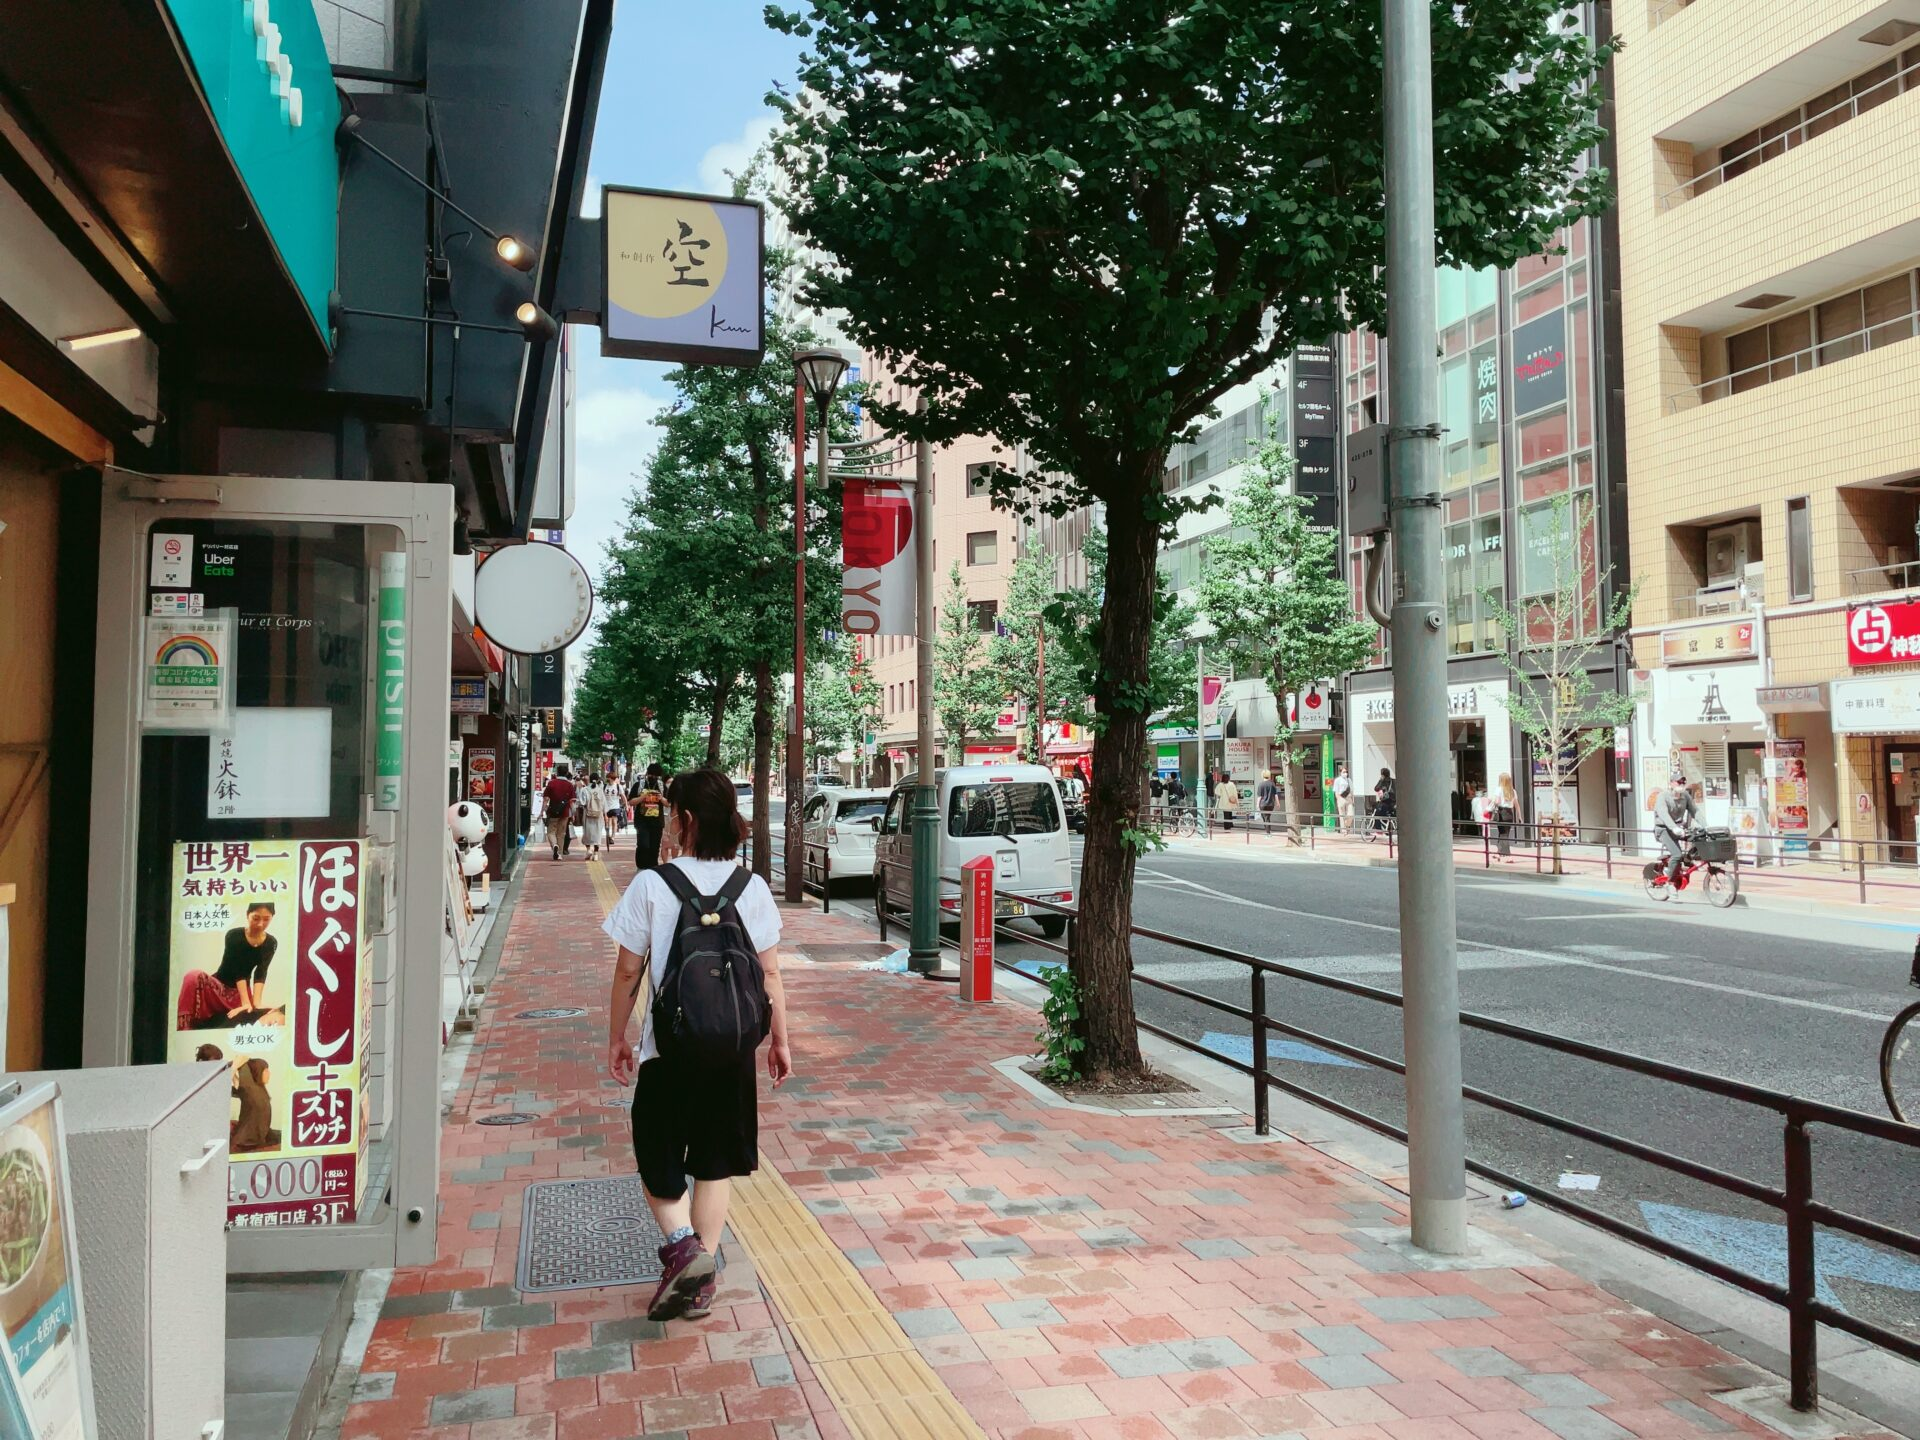 フォーティントーキョー 新宿店は小滝橋通り沿い